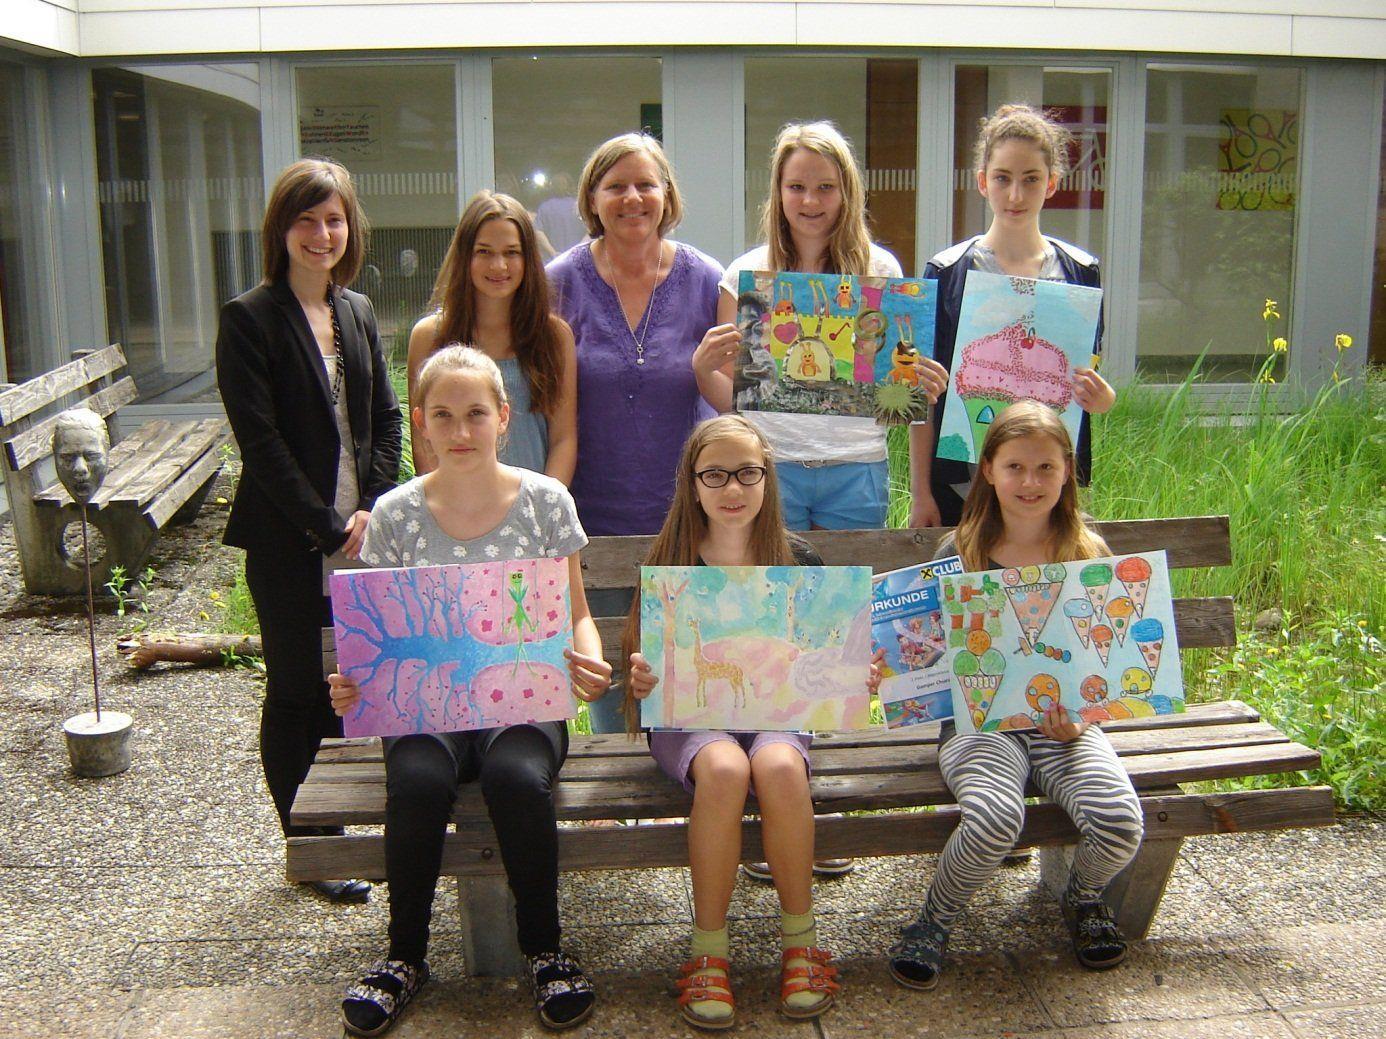 Die kreativen Schülerinnen der Mittelschule Rheindorf mit ihren siegreichen Werken.